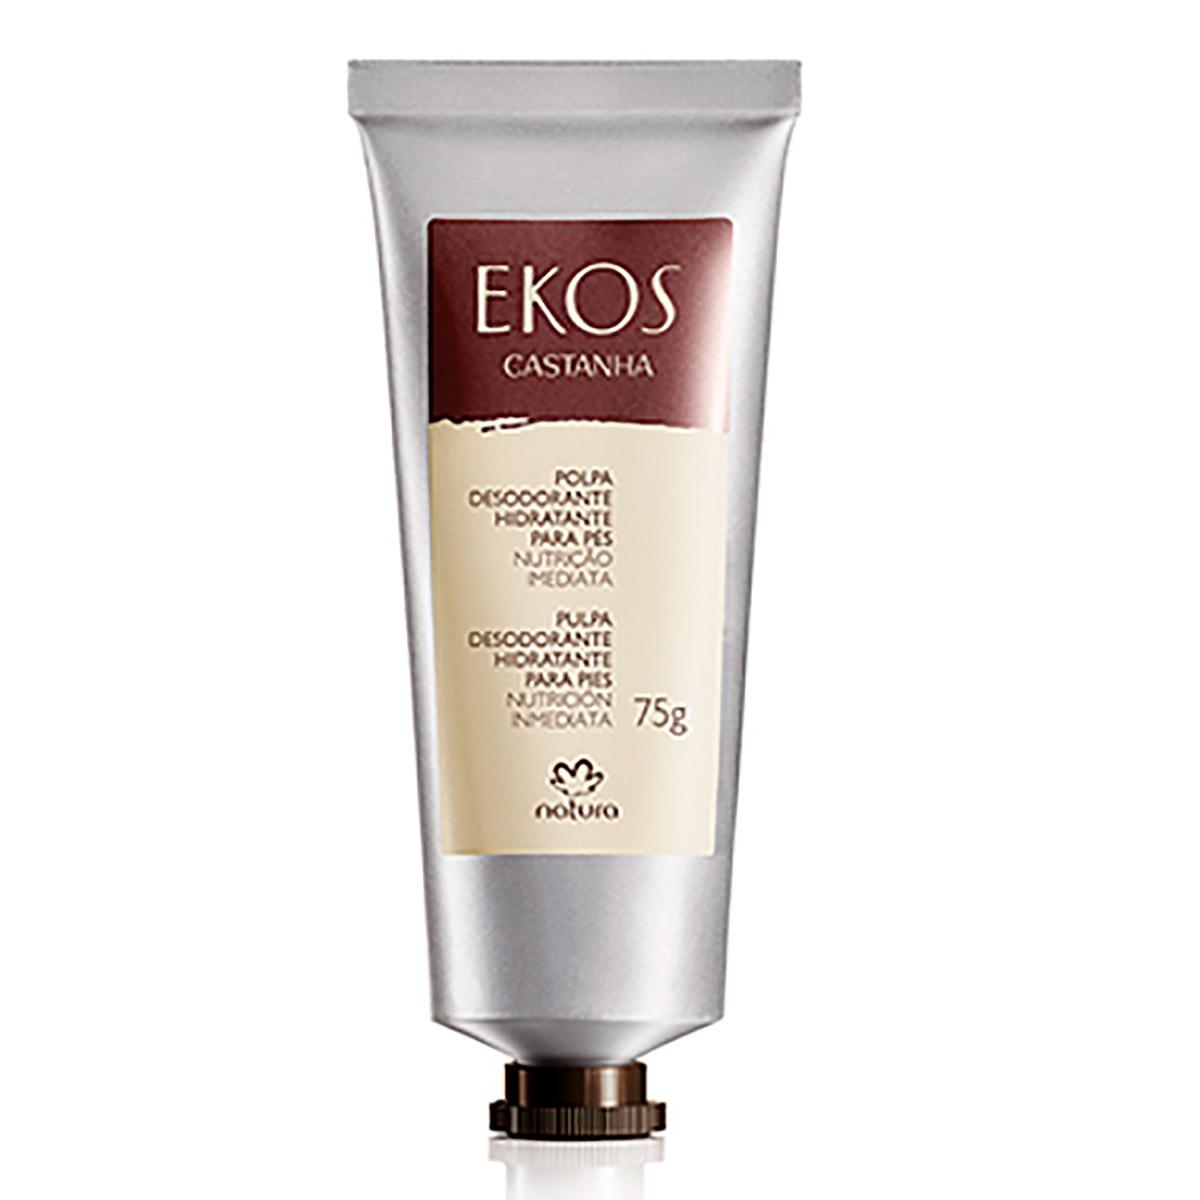 Polpa Desodorante Hidratante para Pés Castanha Ekos - 75g - 62526